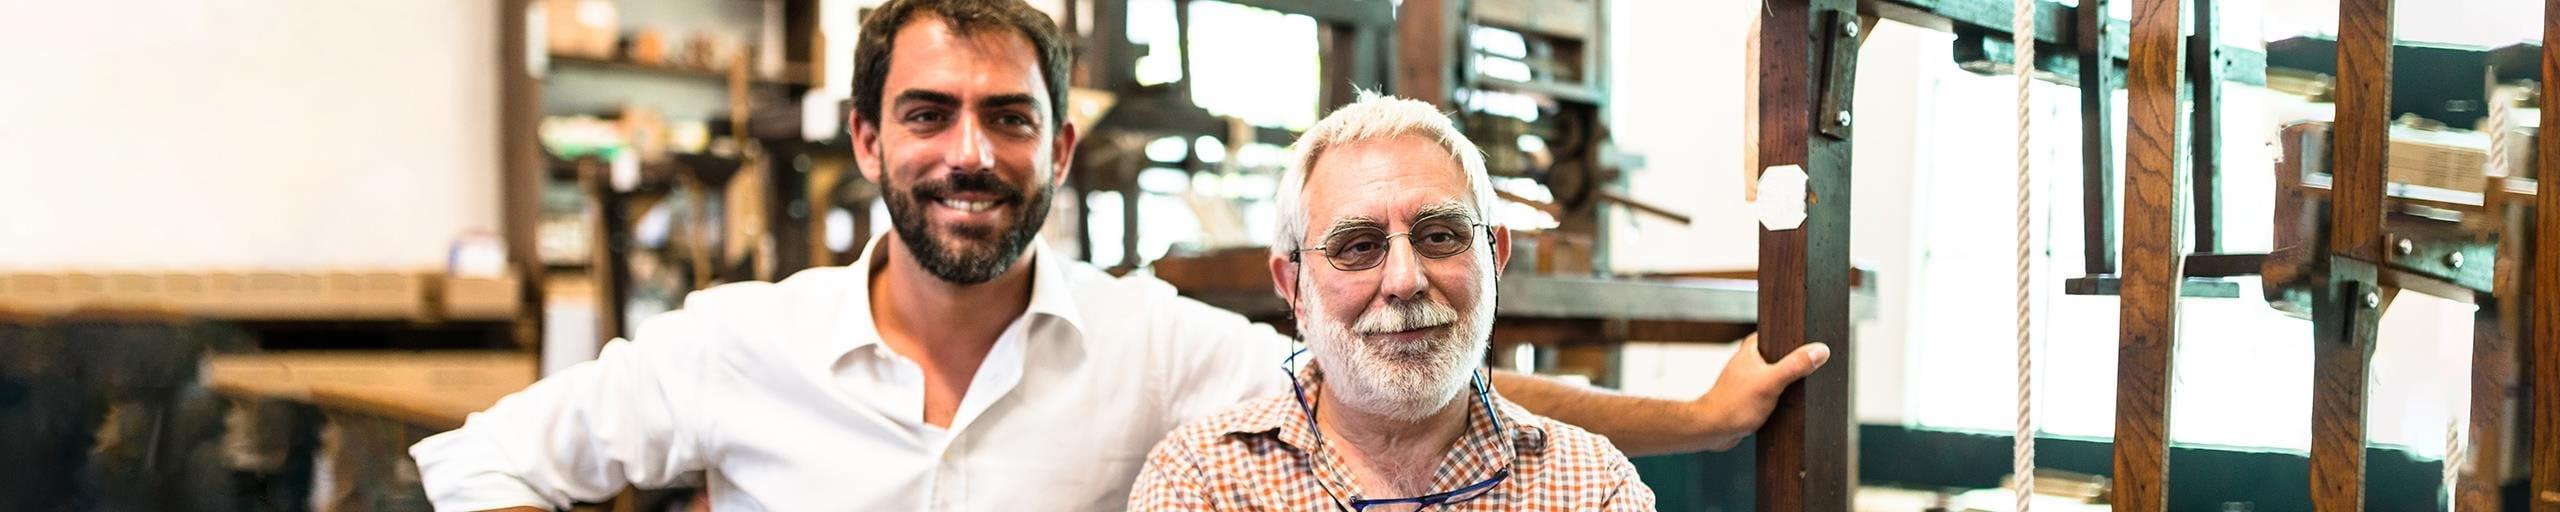 Porträt Vater & Sohn im Unternehmen